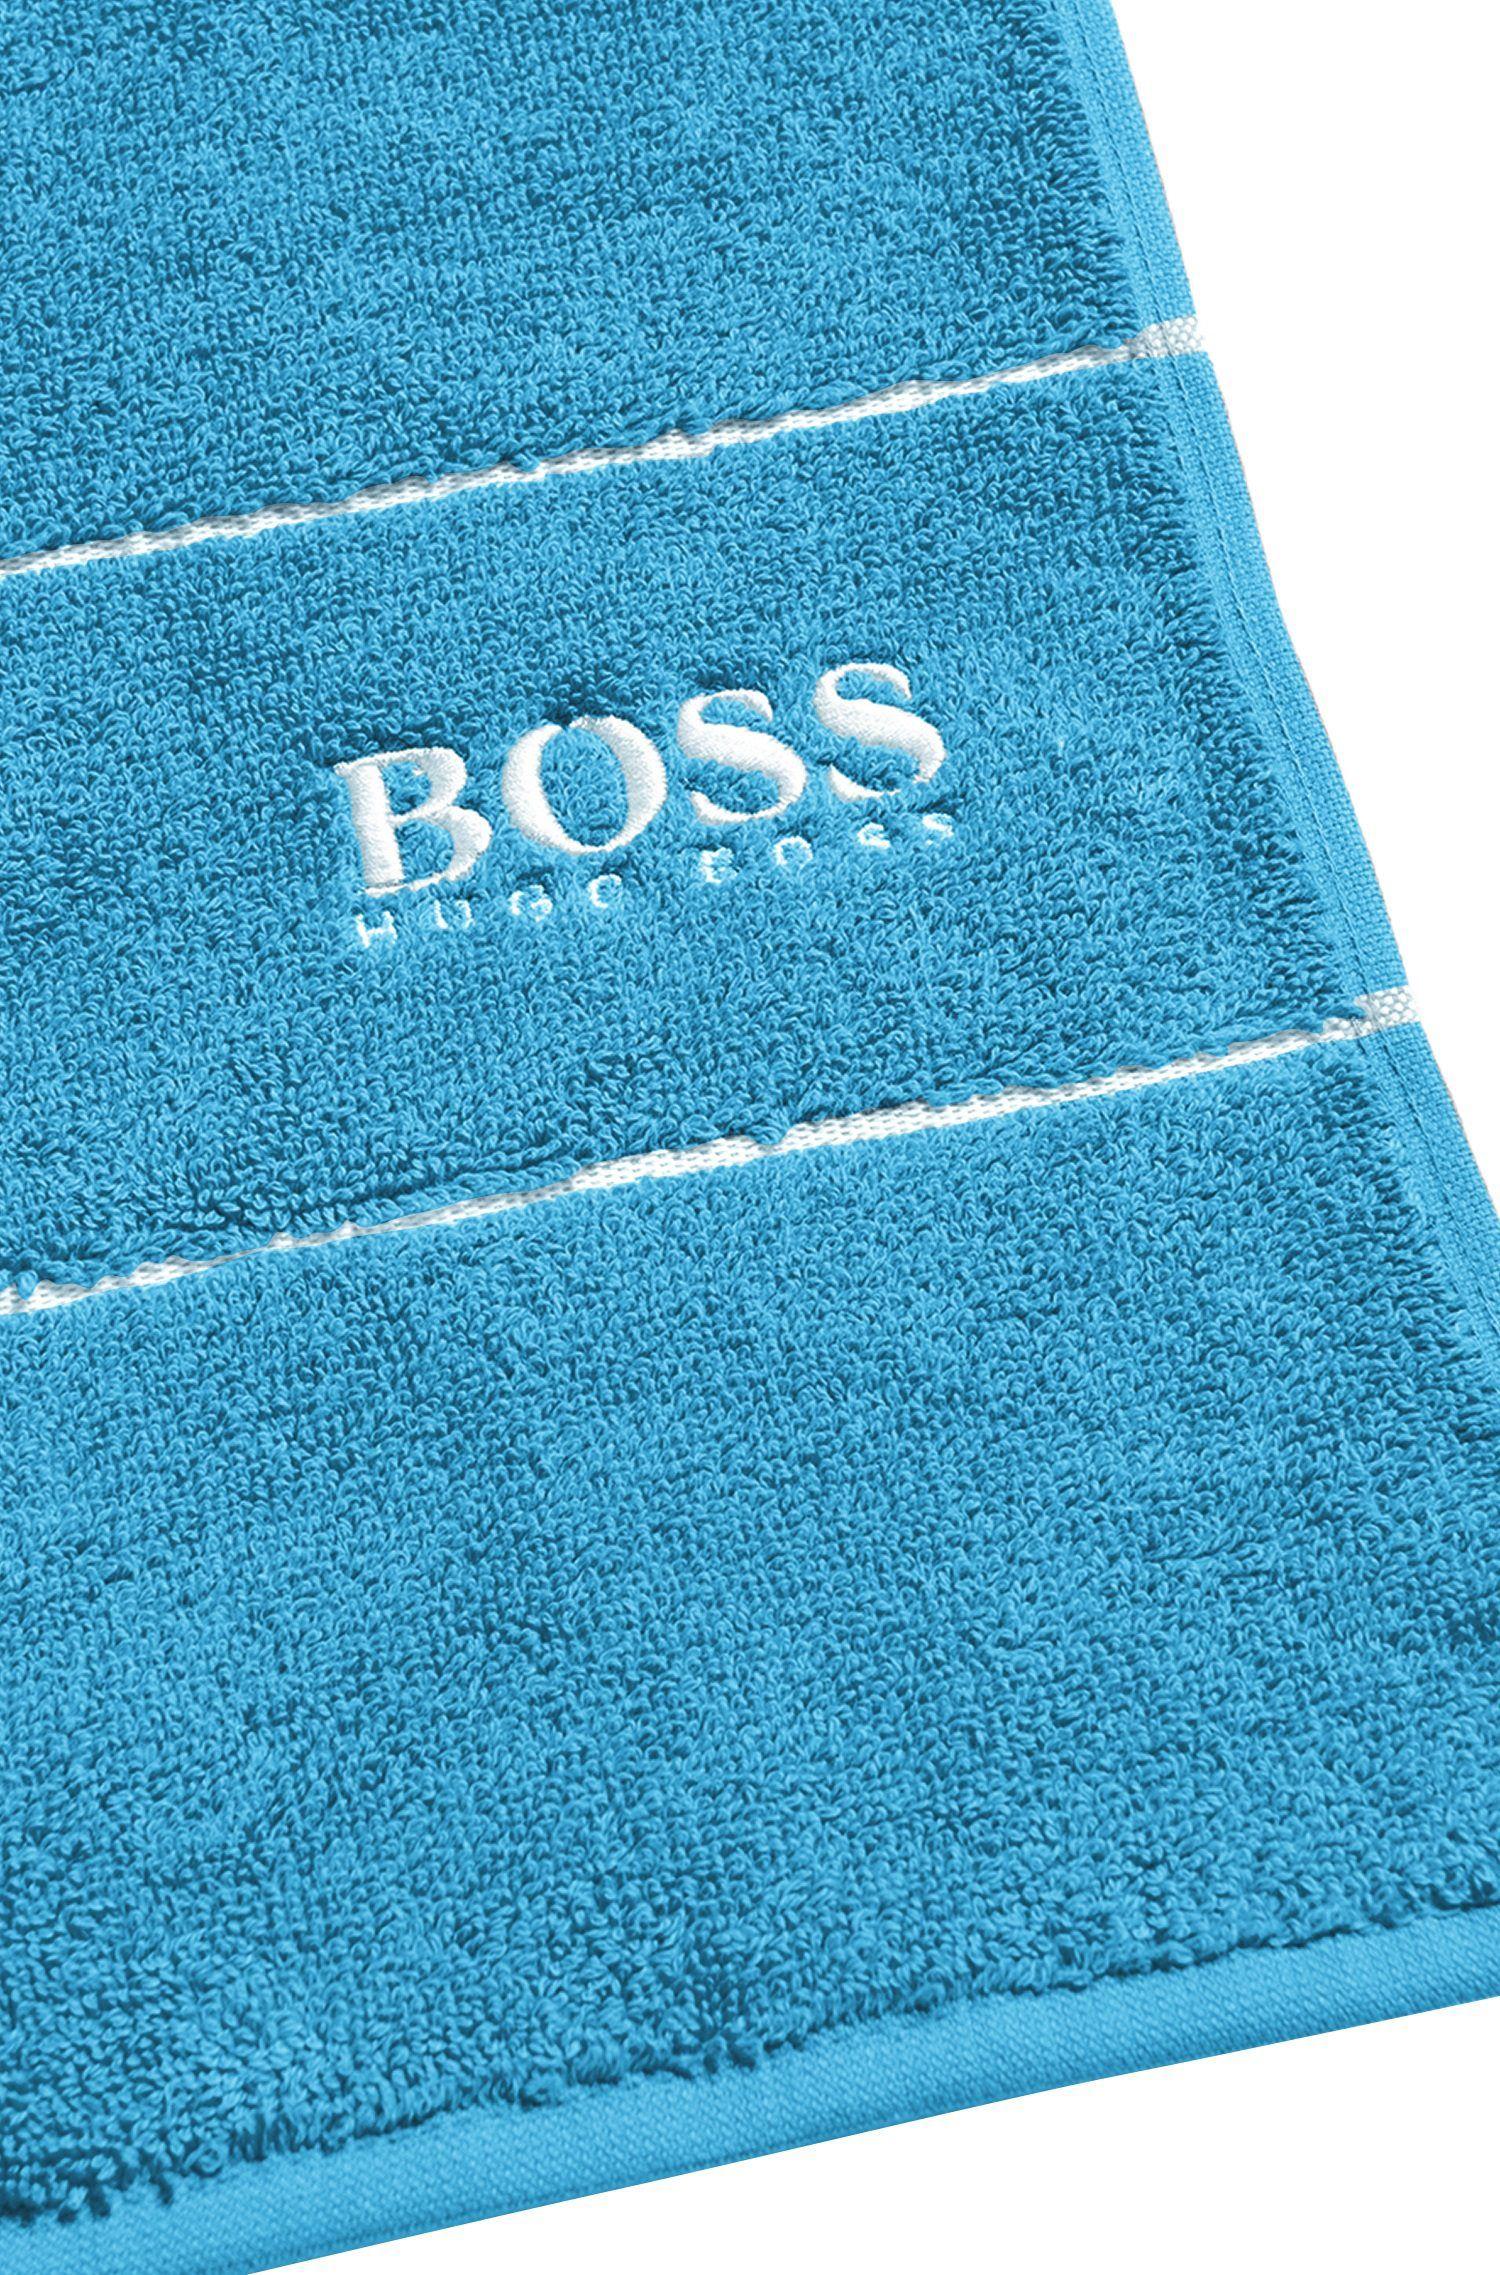 Badhanddoek van de fijnste Egyptische katoen met rand met logo, Blauw